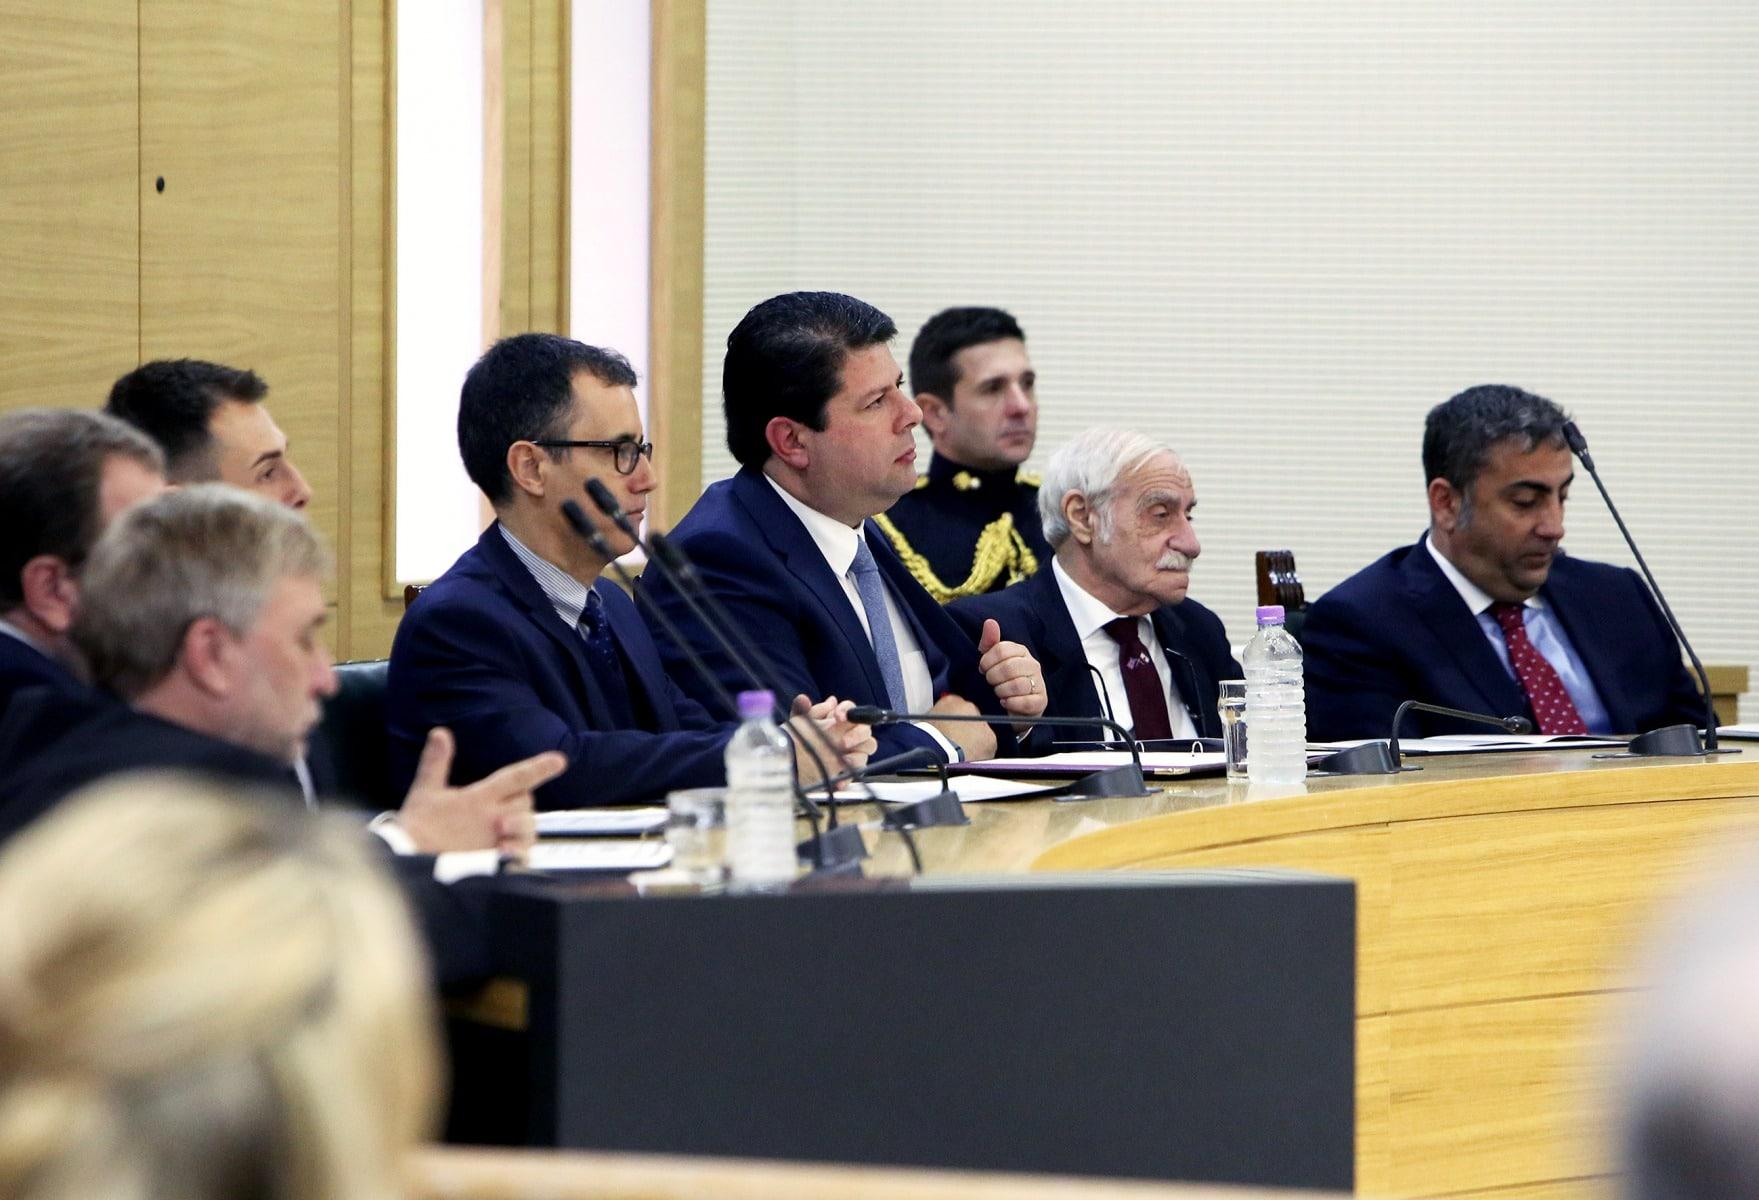 gobernador-de-gibraltar-edward-davis_23868807664_o